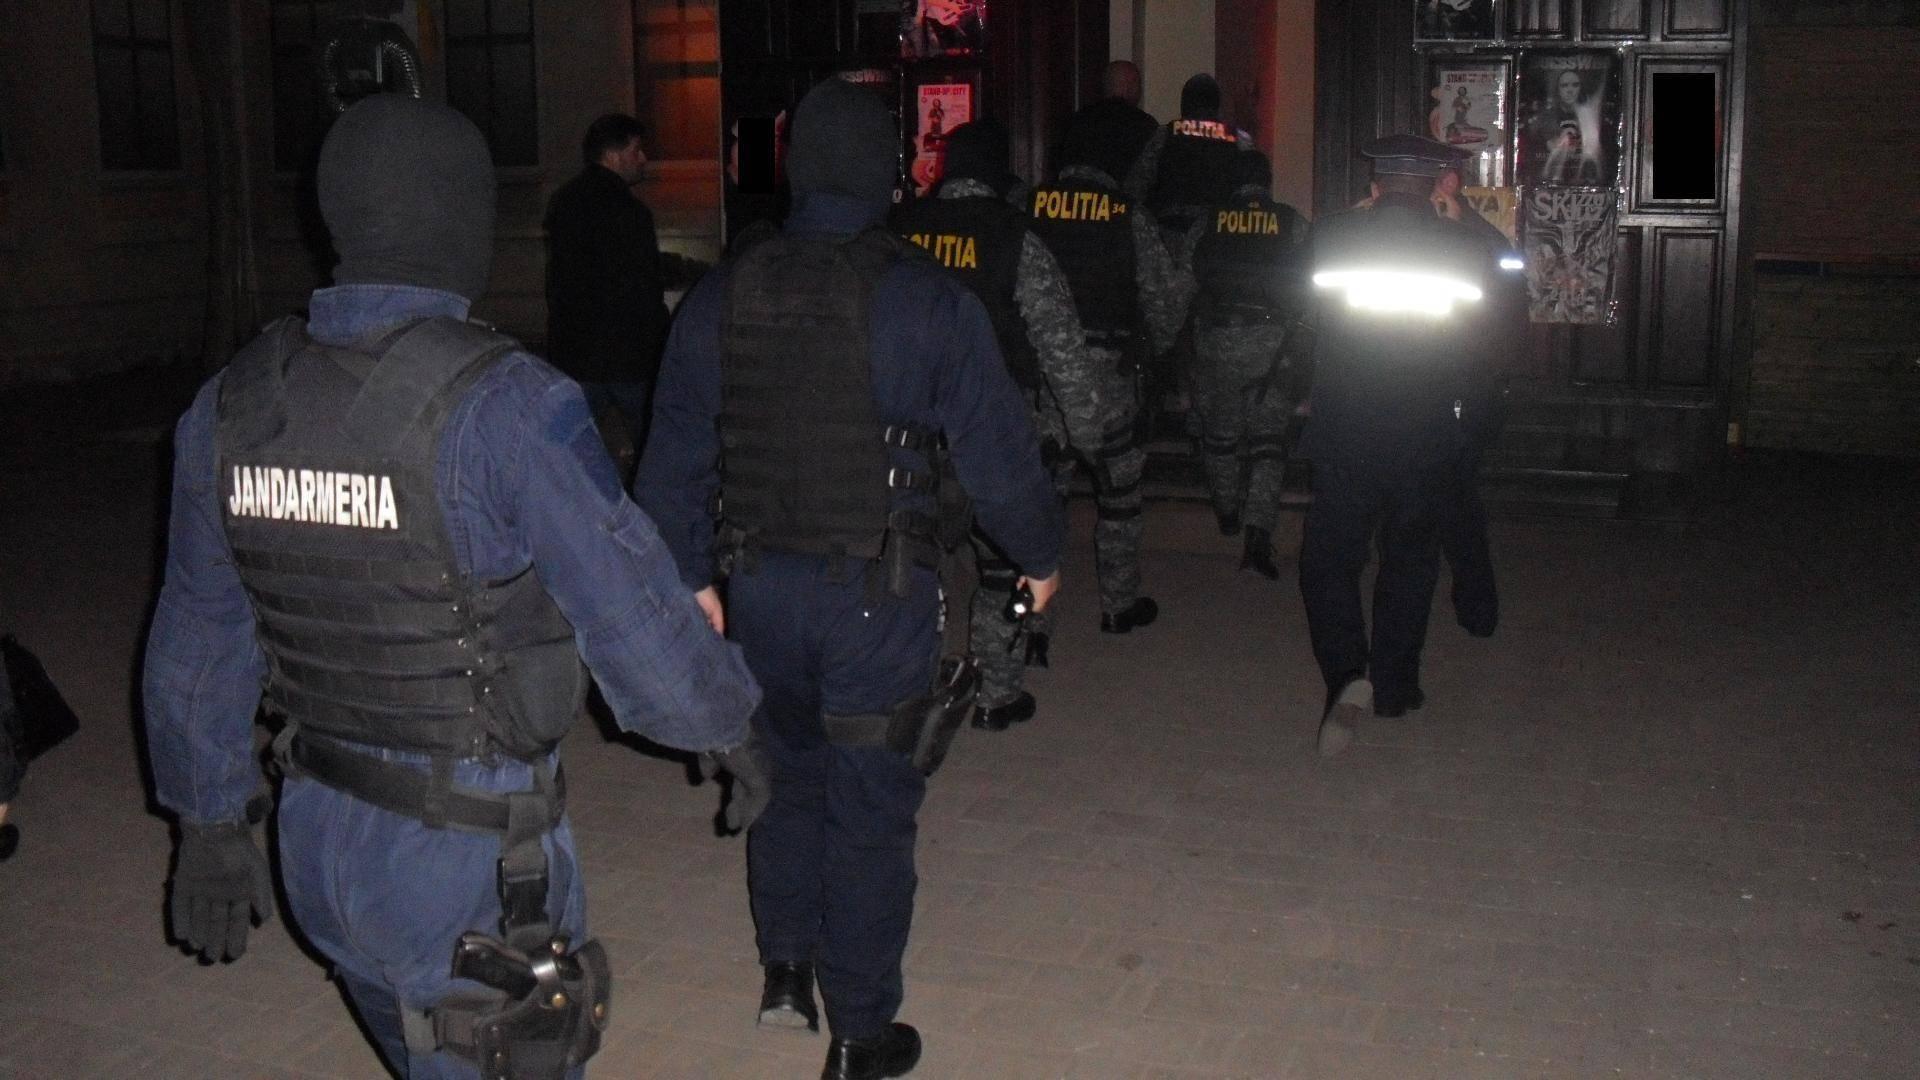 Arme și muniție, găsite la un cuplu din Capitală! Polițiștii au făcut descoperirea după o ceartă între cei doi